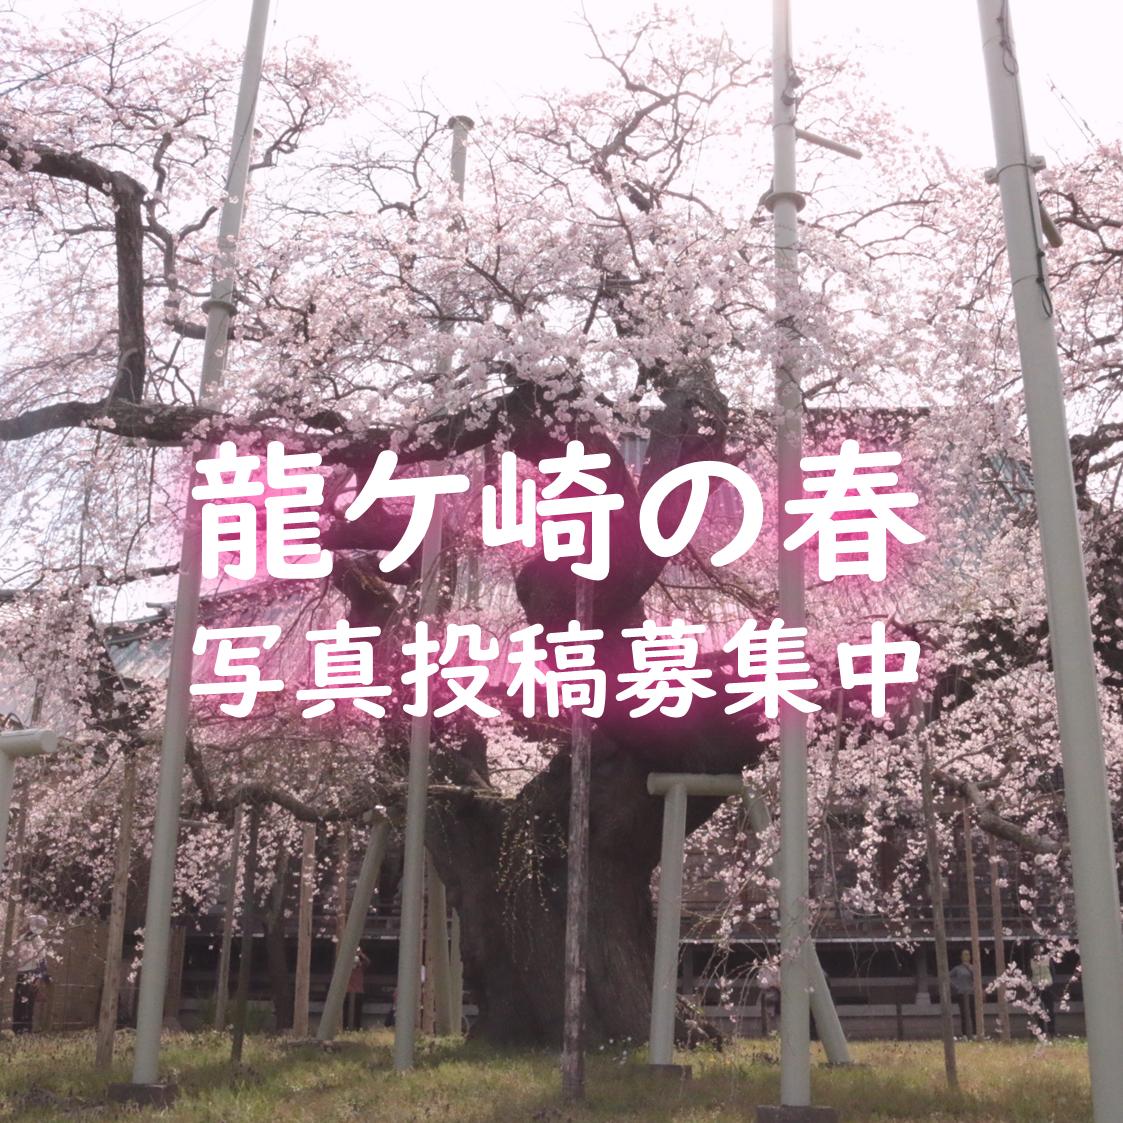 龍ケ崎の春を写真で投稿しよう!